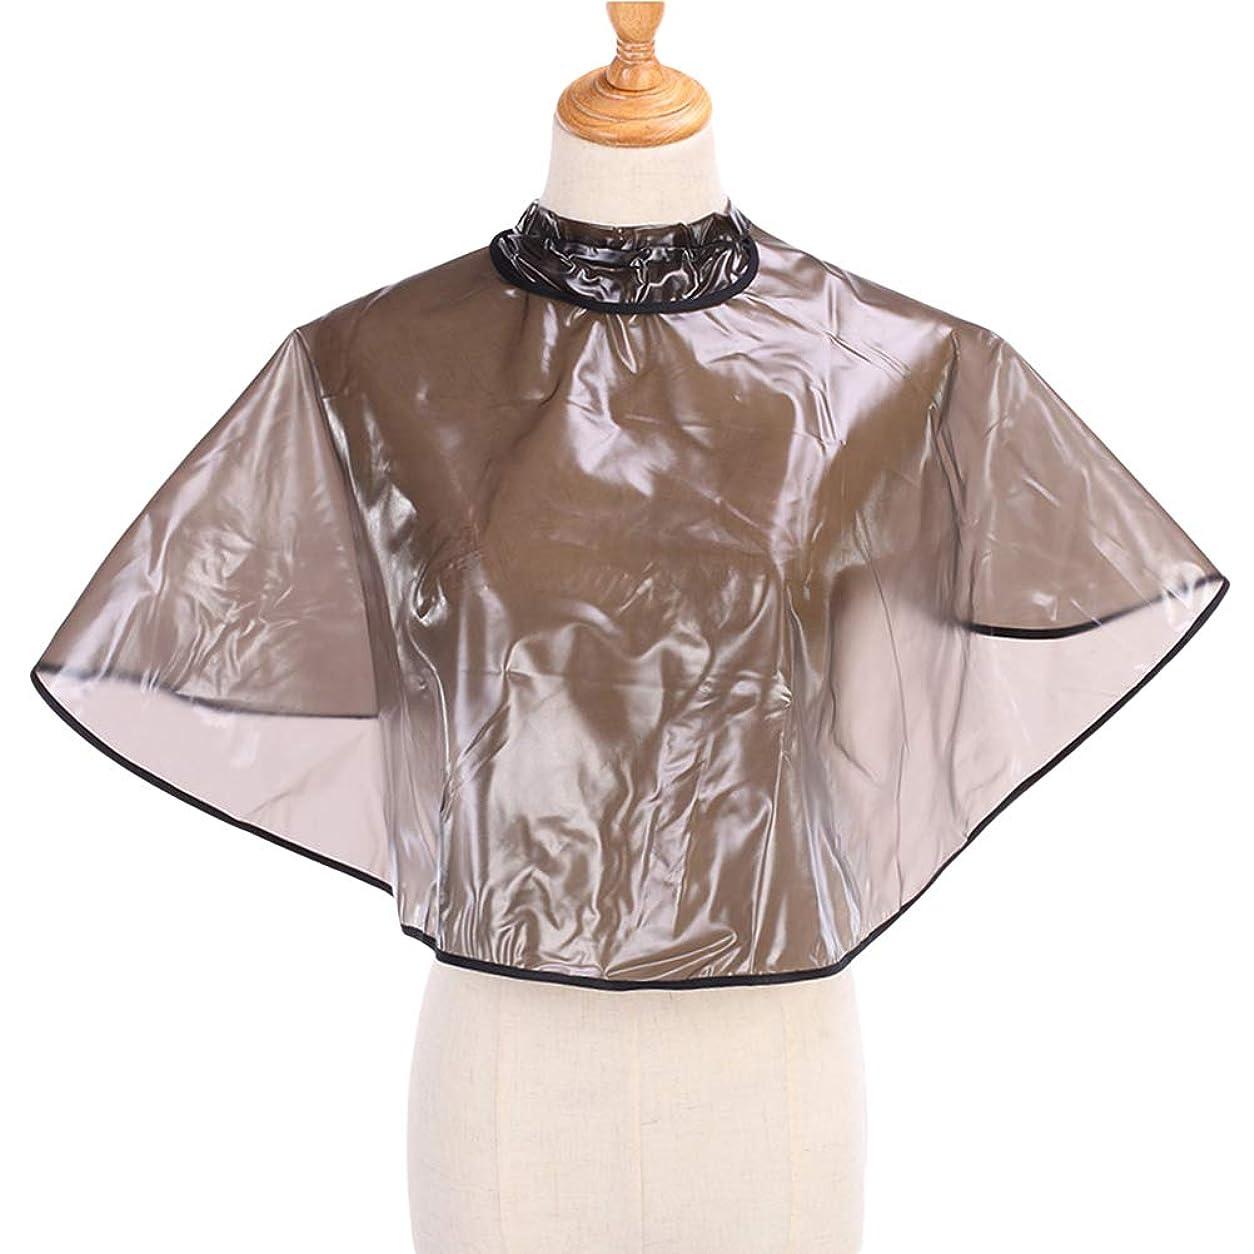 セラフ根絶する洋服Healifty 1ピース防水ヘアスタイリングケープサロン理容岬アジャスタブルヘアカットショールショール理髪岬